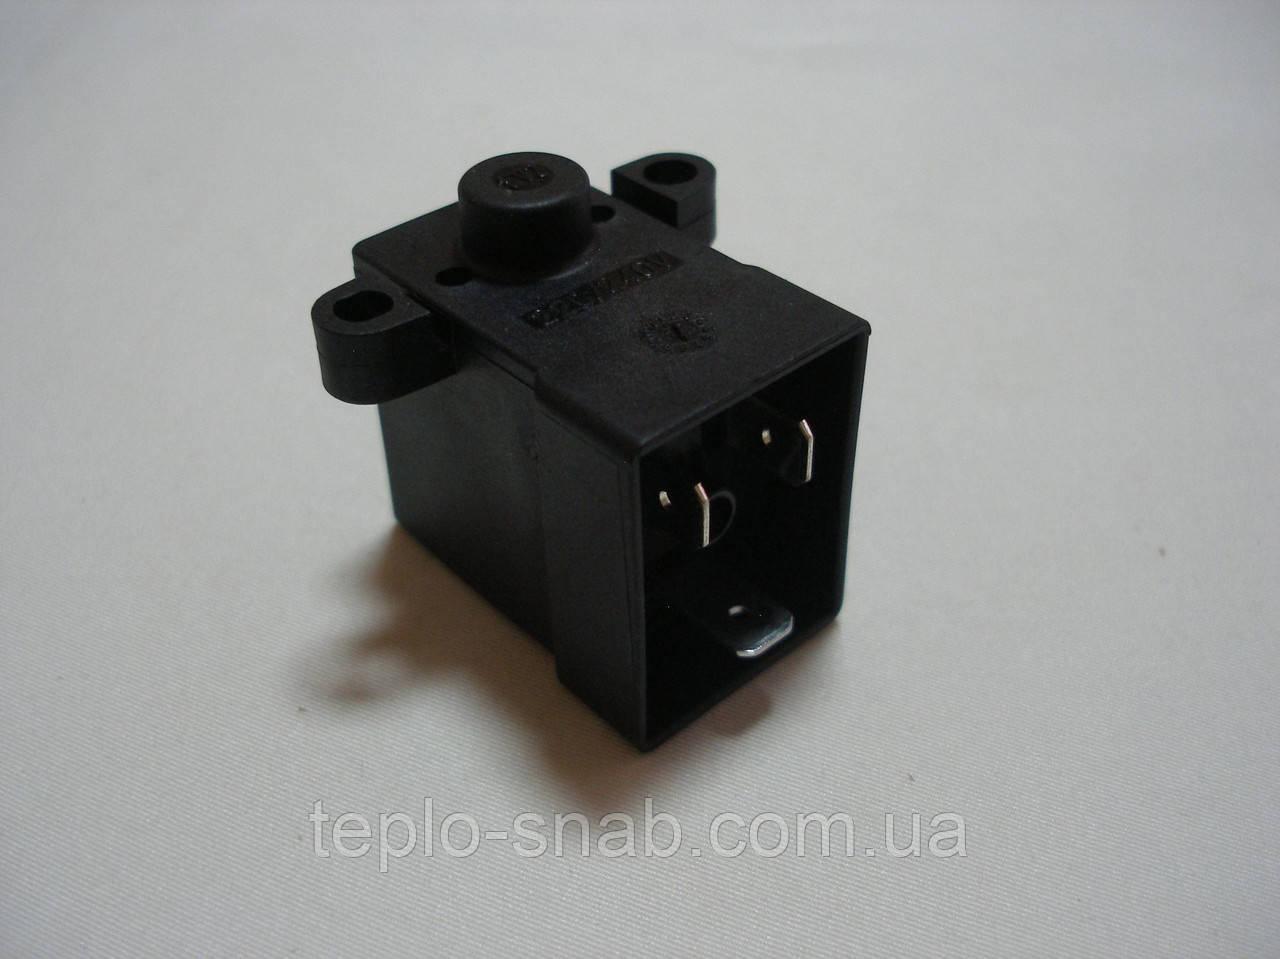 Соленоид (катушка) электромагнита EV2, 220-240V, 50Hz, для серии клапанов 820 NOVA - 0.967.064